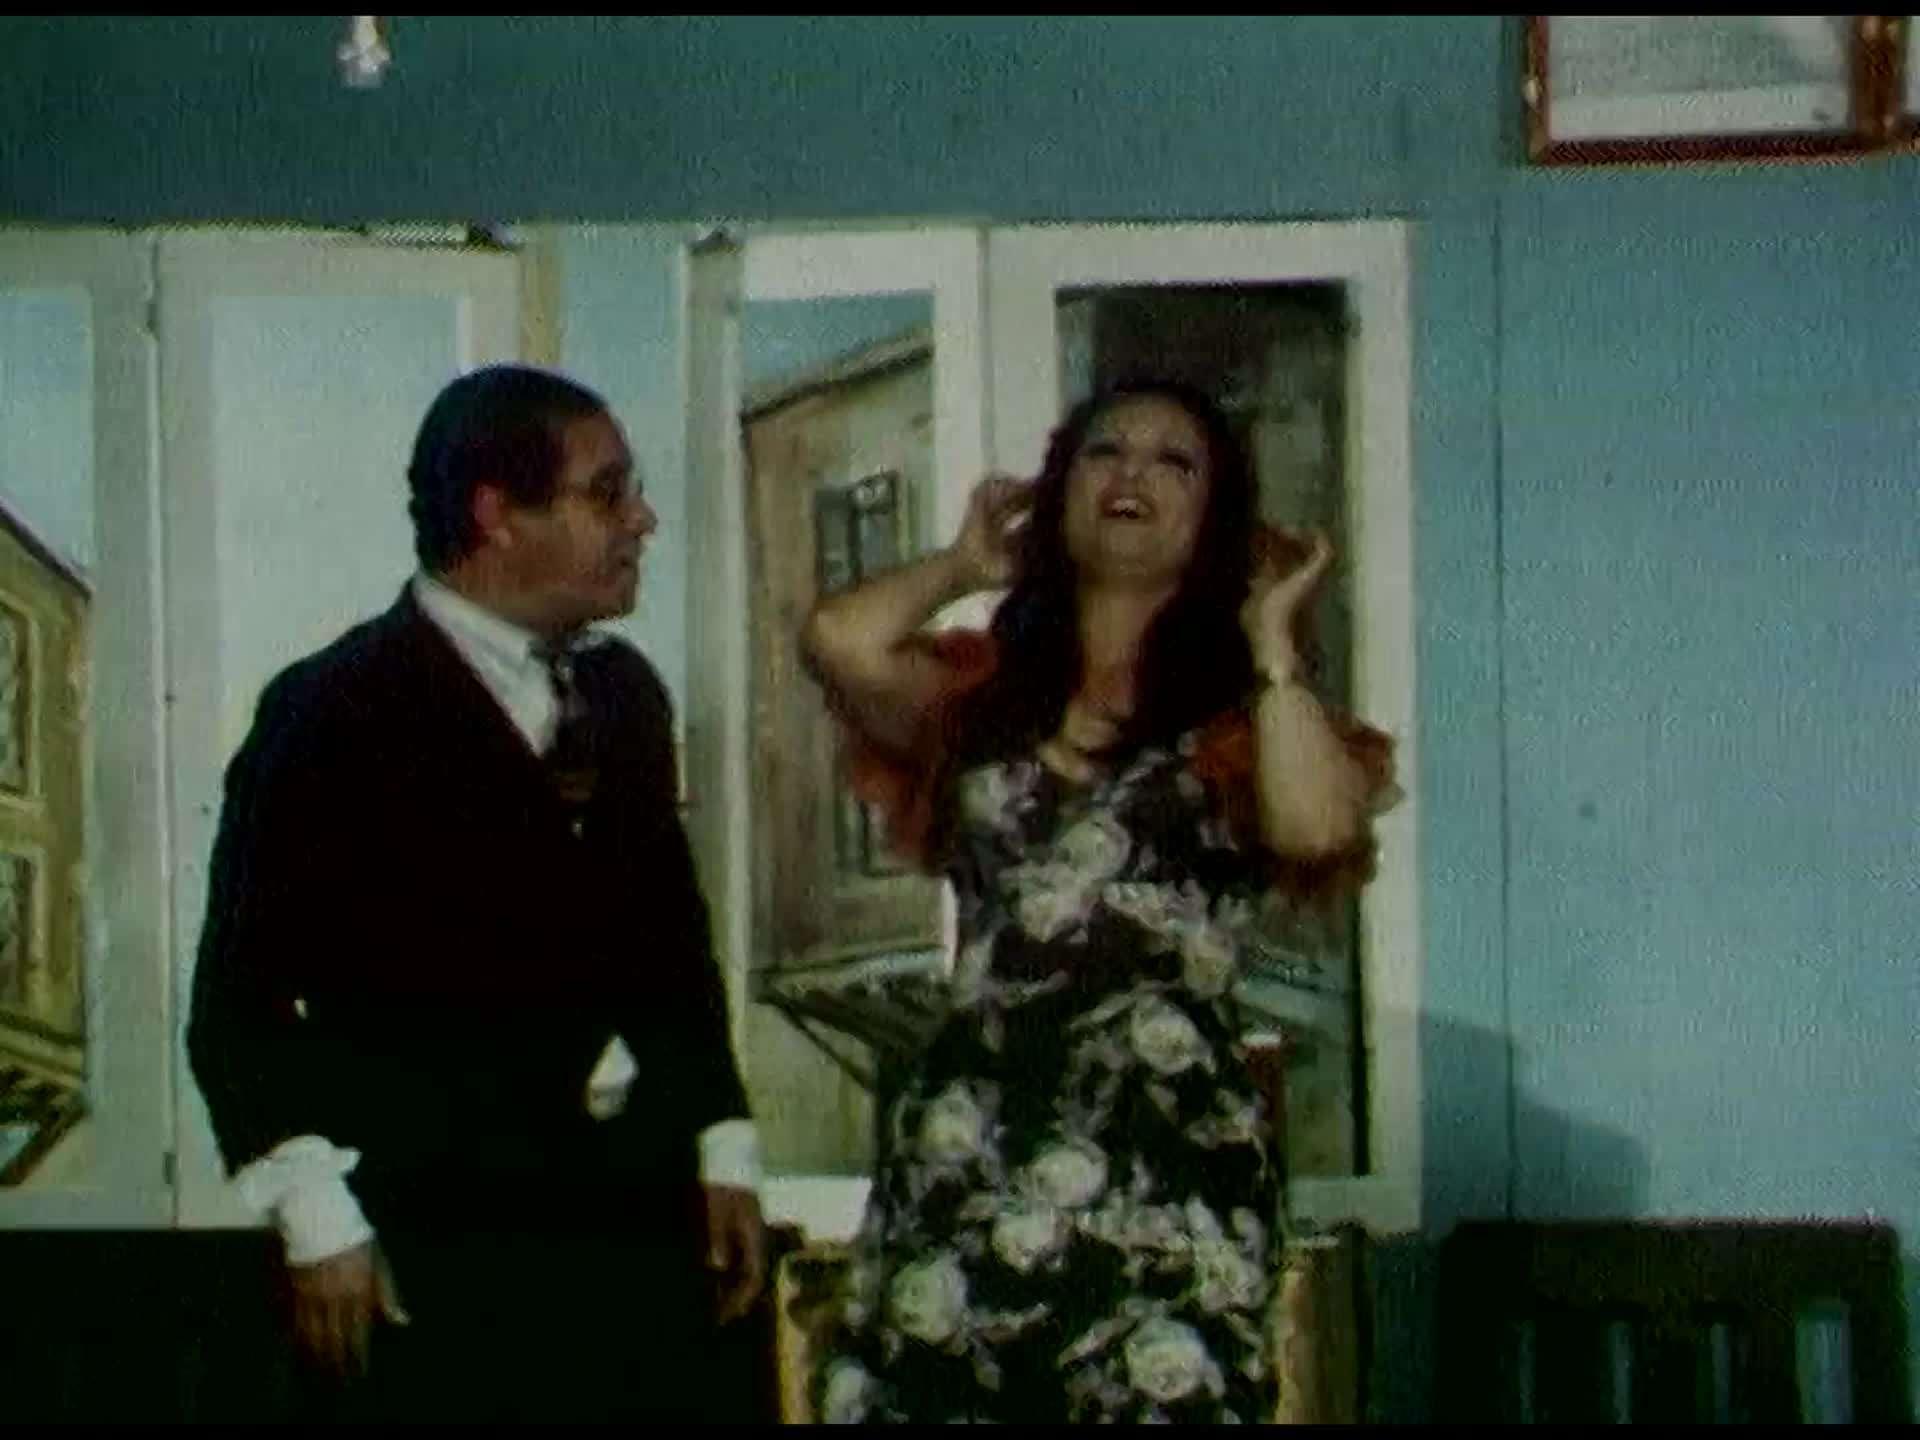 مسرحية لوليتا (1974) 1080p تحميل تورنت 3 arabp2p.com